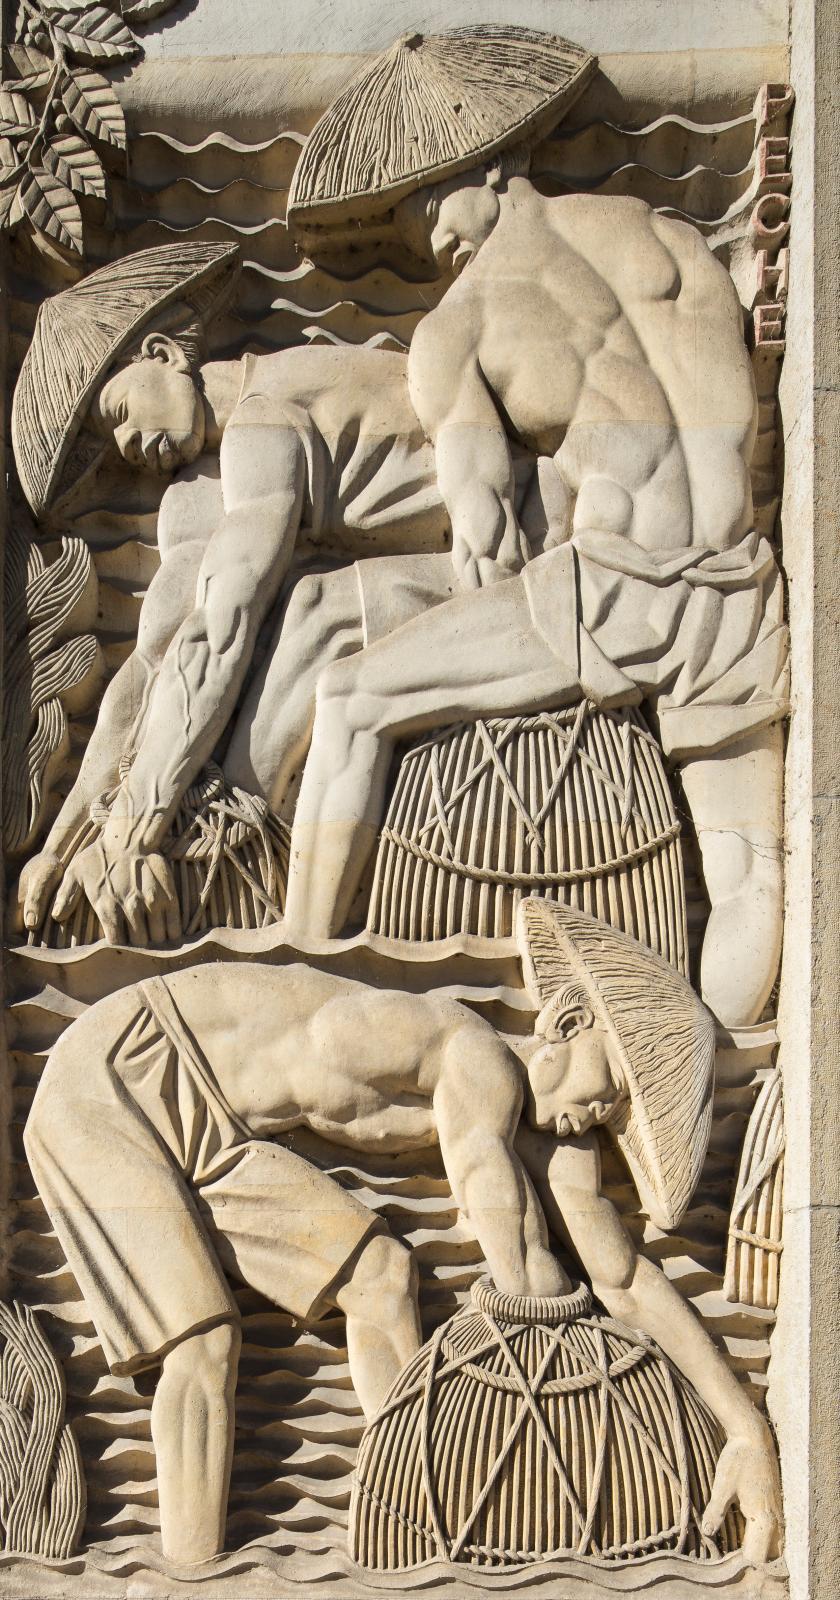 Bas-reliefs by Alfred Janniot, Palais de la Porte Dorée, 1931 (detail).